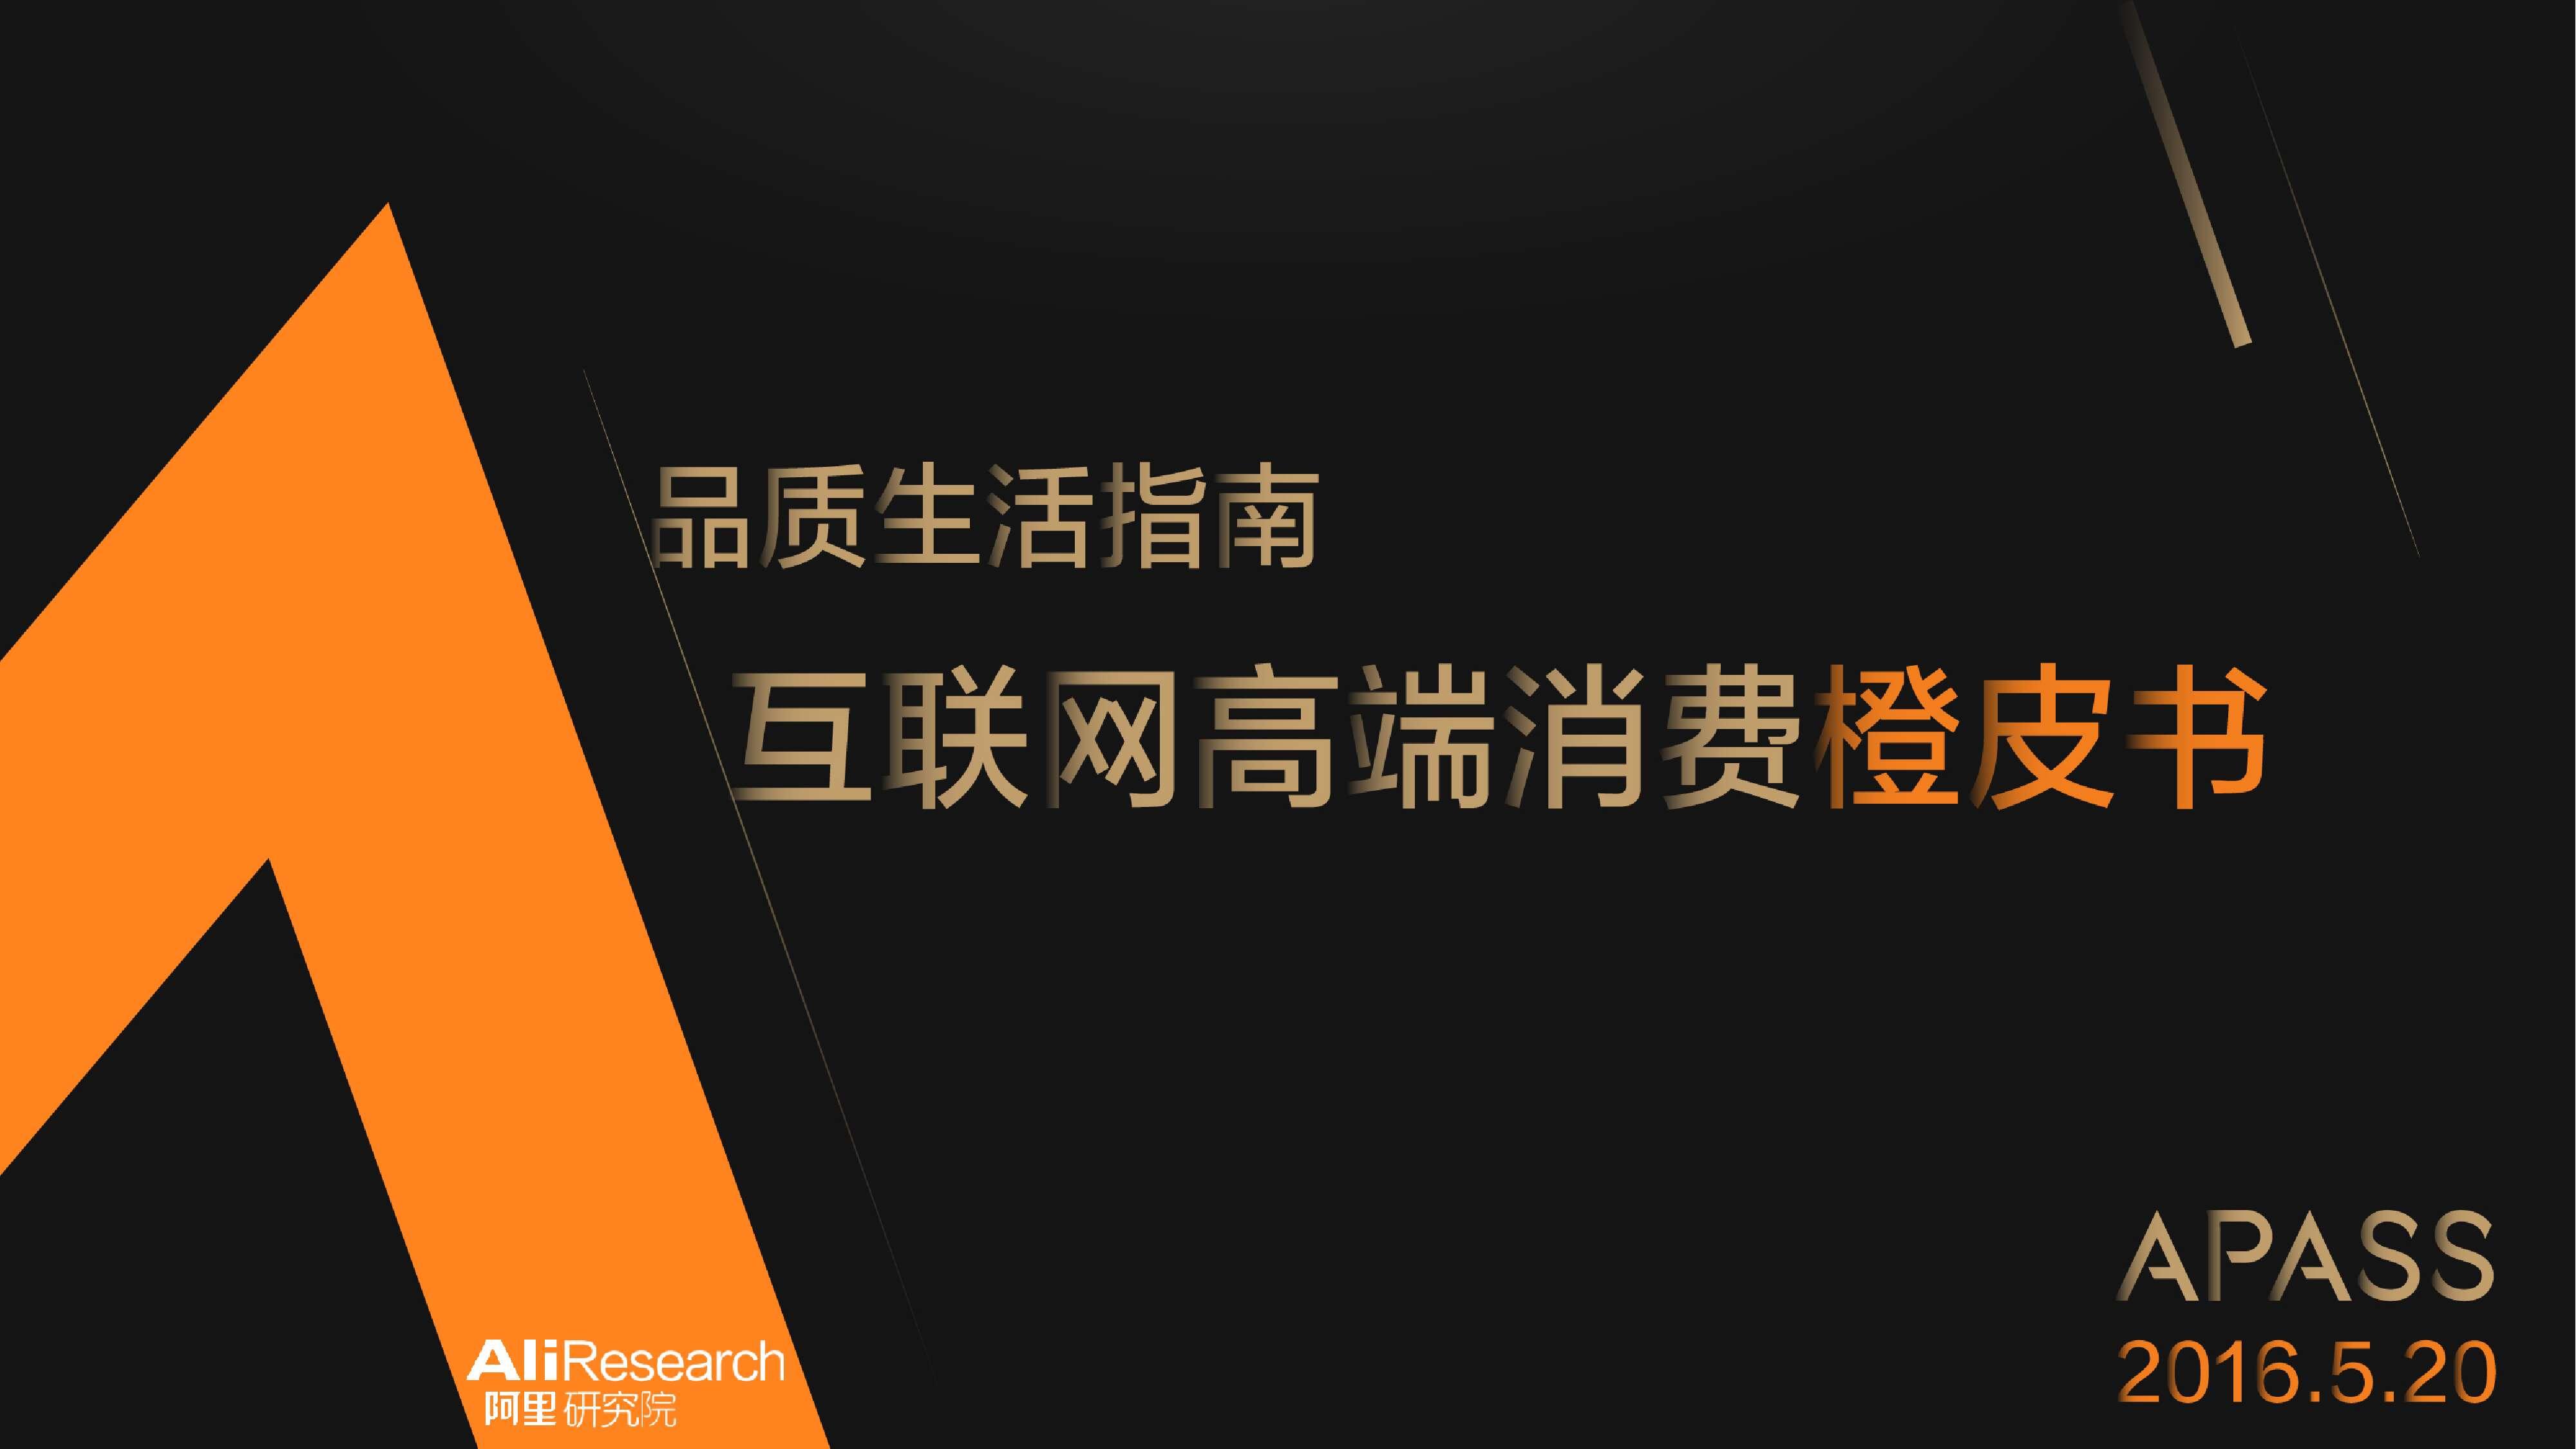 阿里研究院:互联网高端消费橙皮书_000001